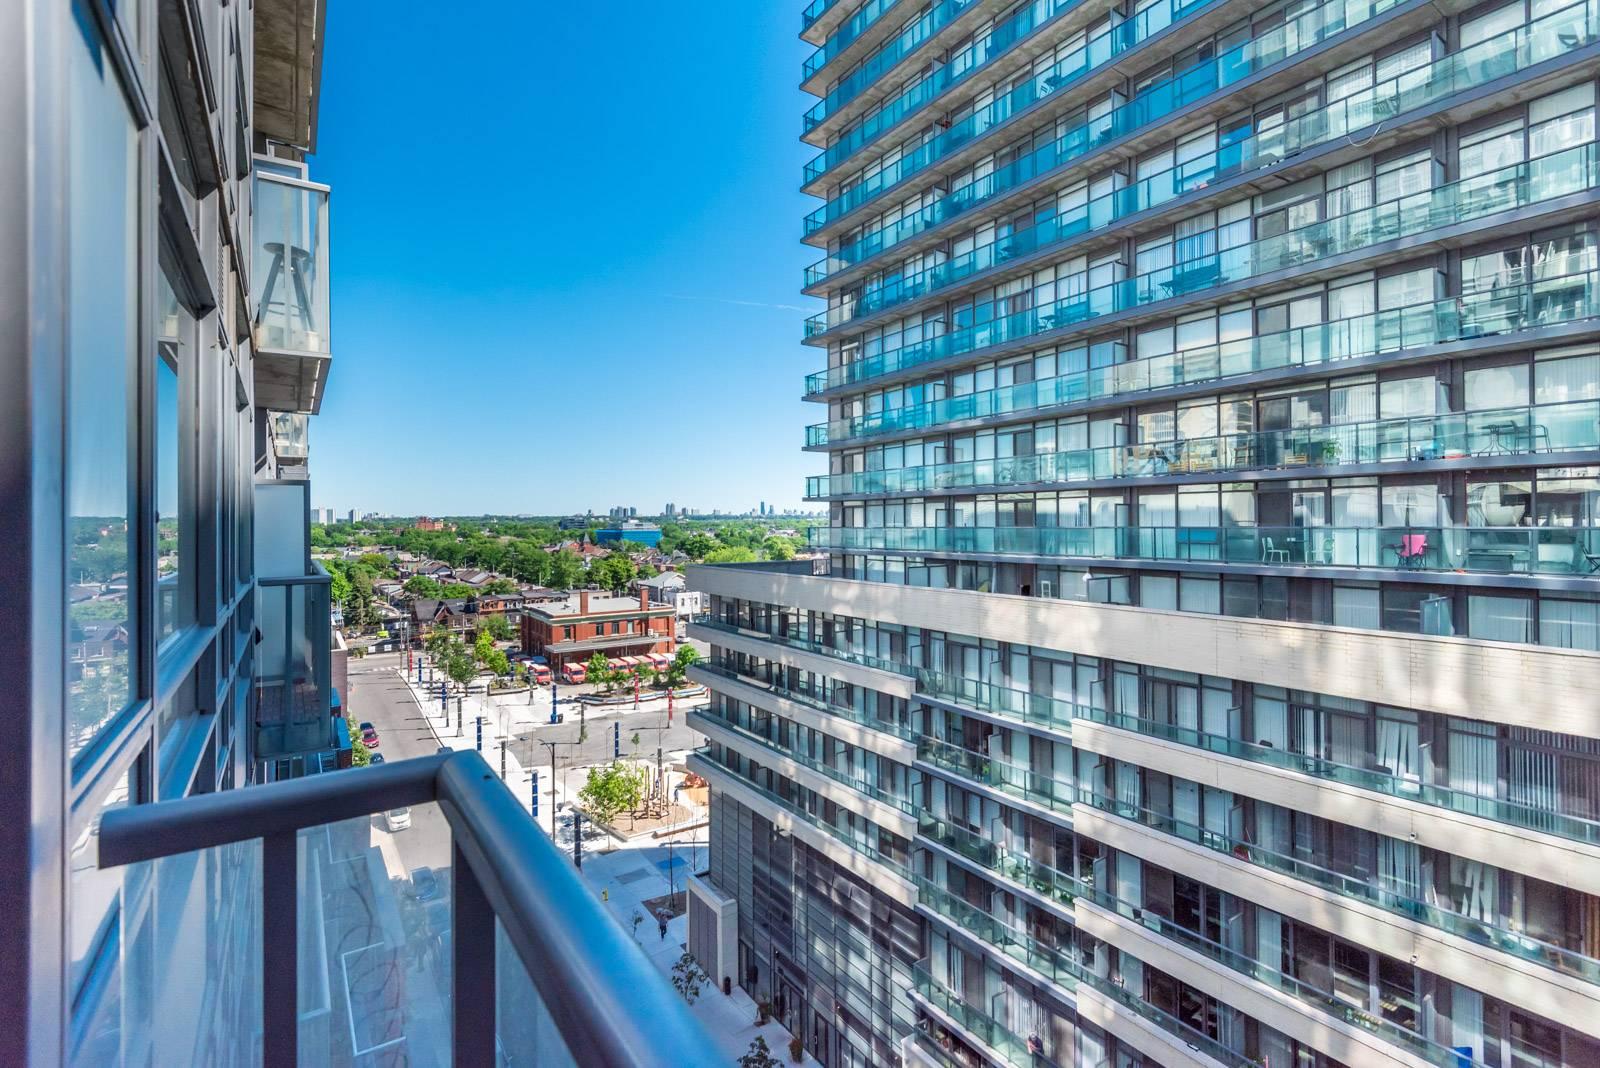 Photo of 150 Sudbury Street and its balcony.